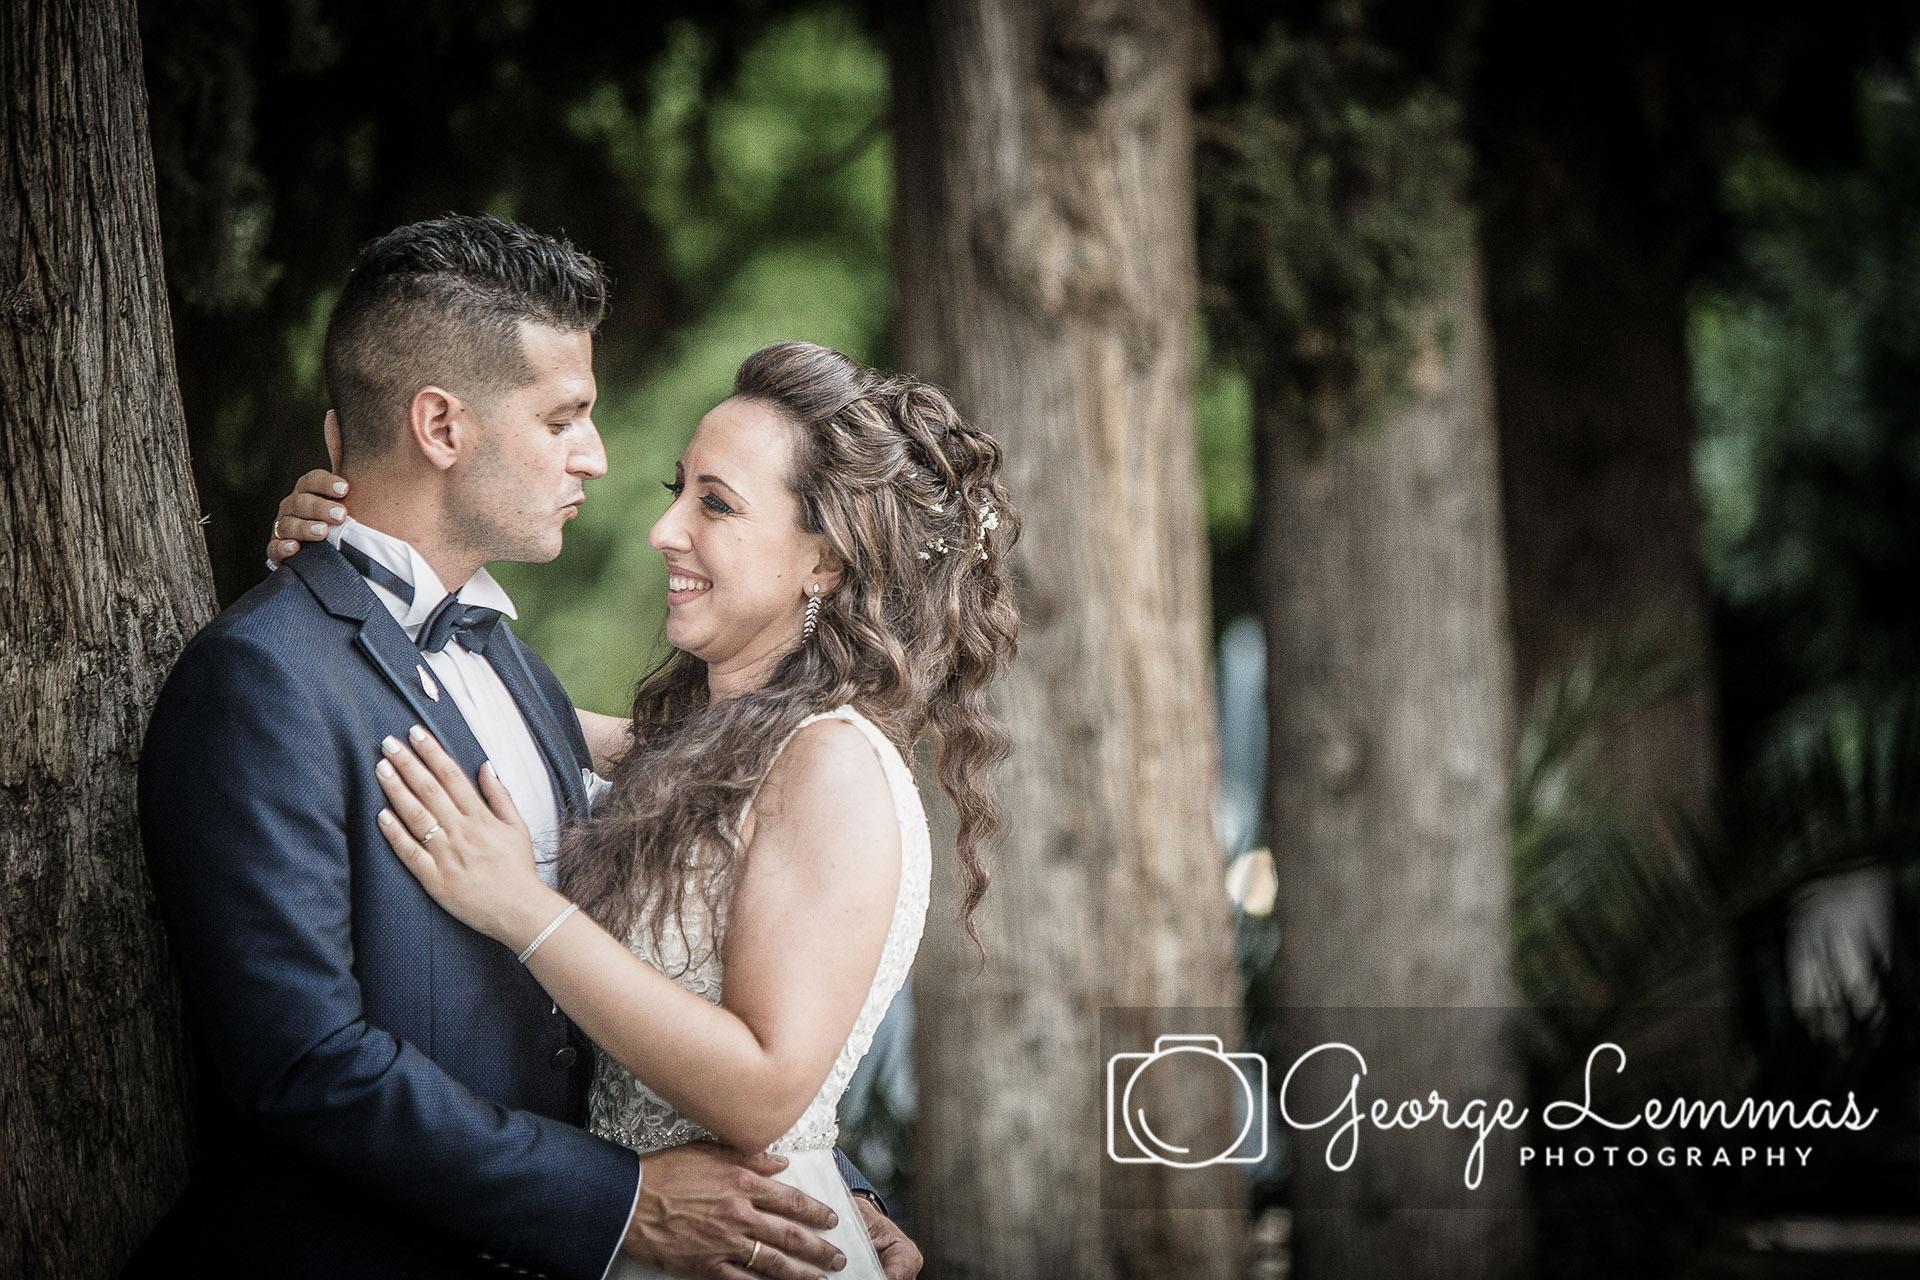 Φωτογραφοι Γαμου Βολος, Πηλιο, Σκιαθος, Σκοπελος φωτογραφος γαμου